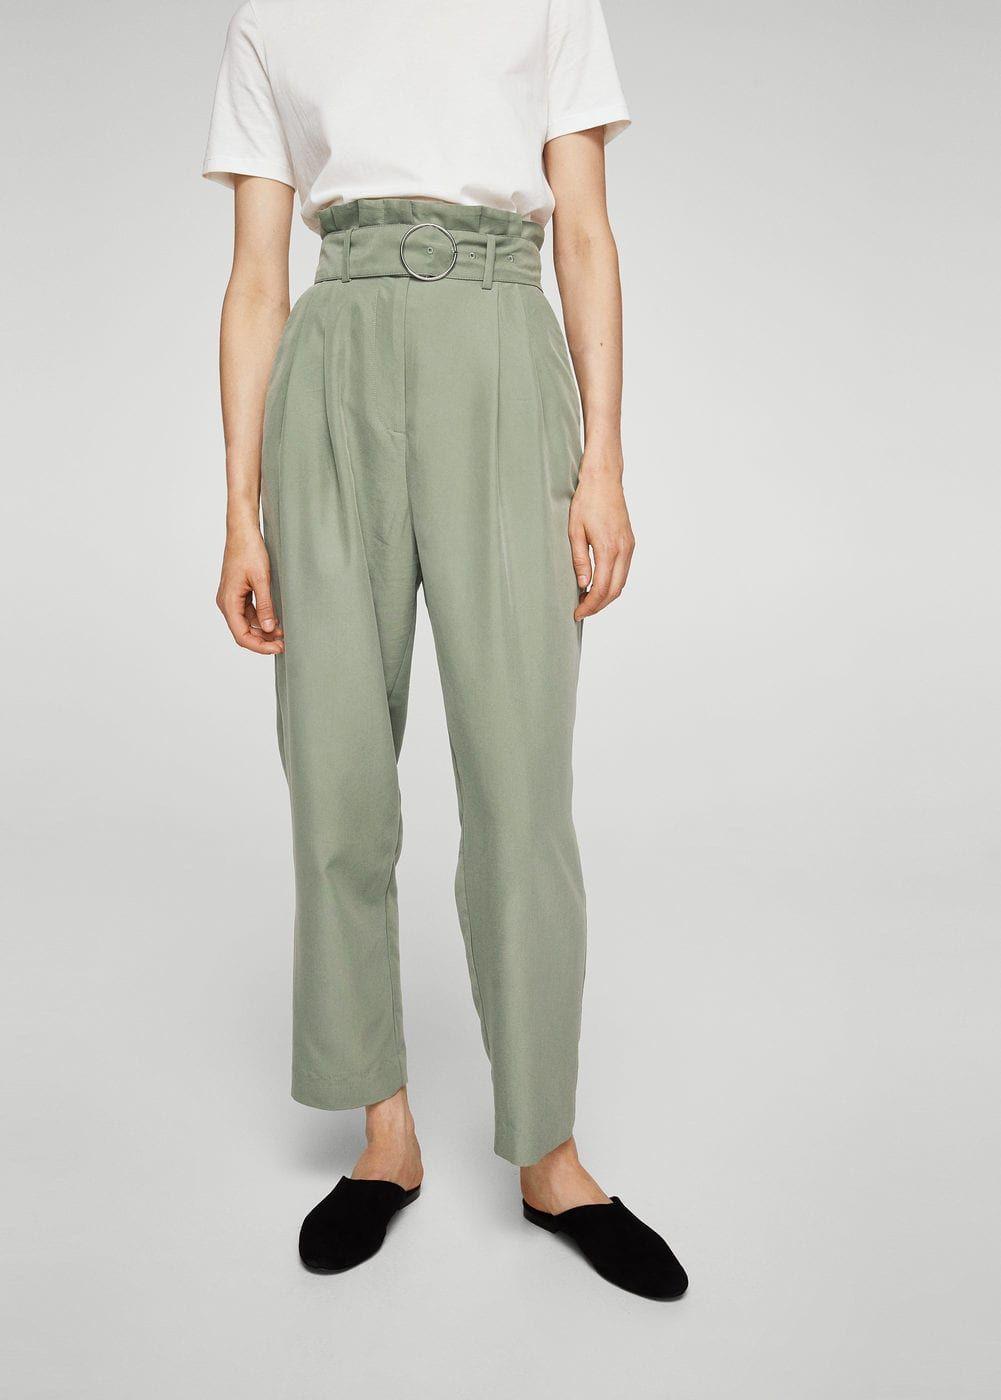 2a31956afb51 Pantalon modal anneau - Femme en 2019   Dressing S   Pantalon droit ...